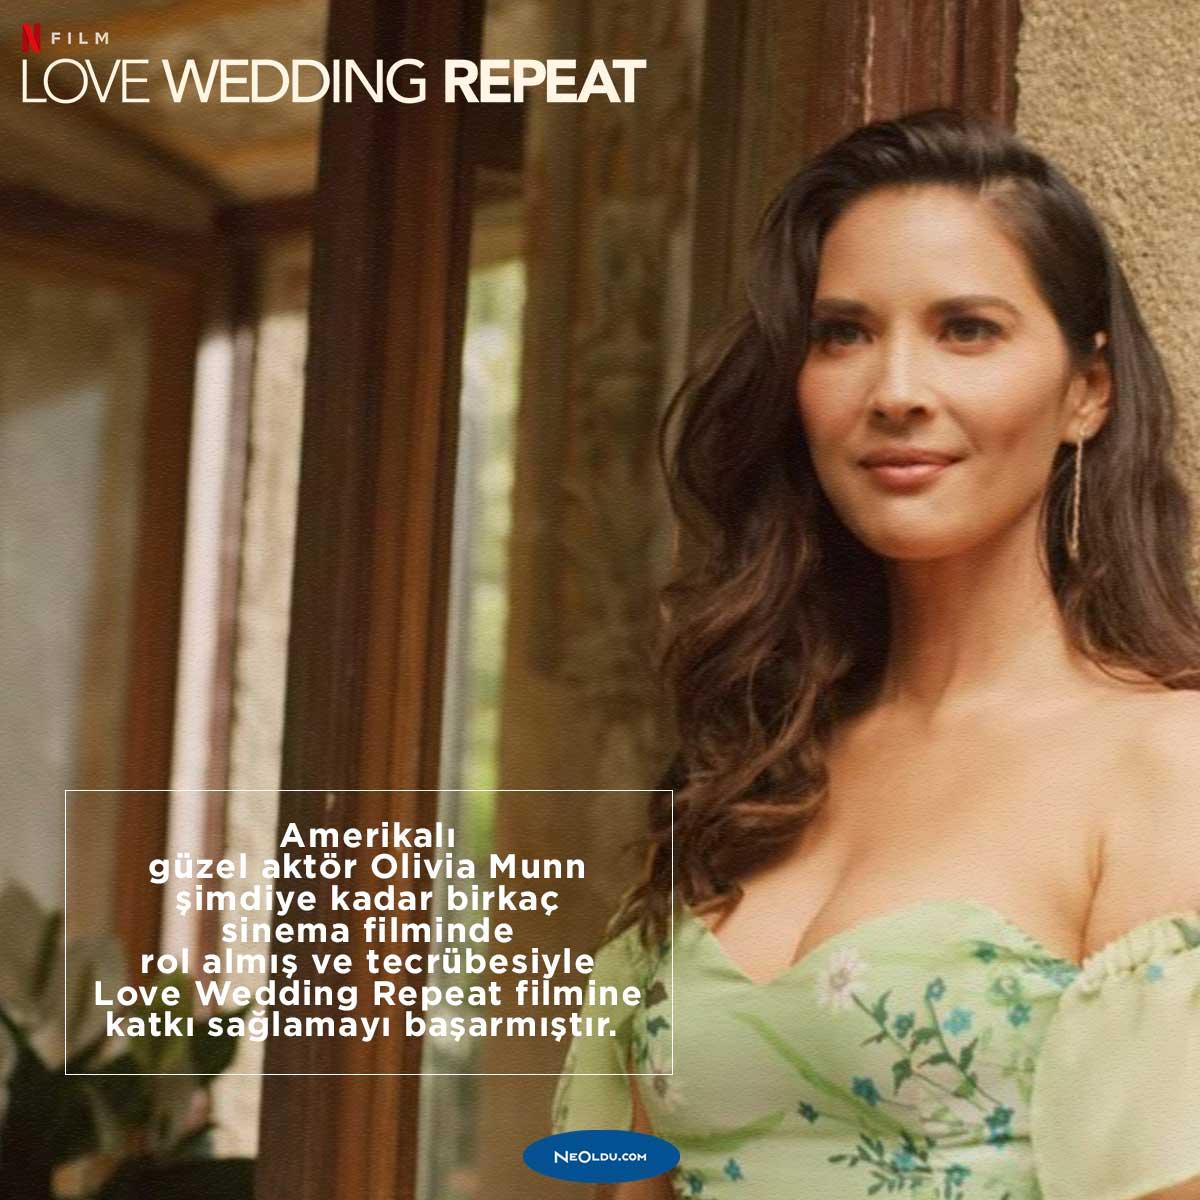 Love Wedding Repeat Filmi Hakkında Bilgiler